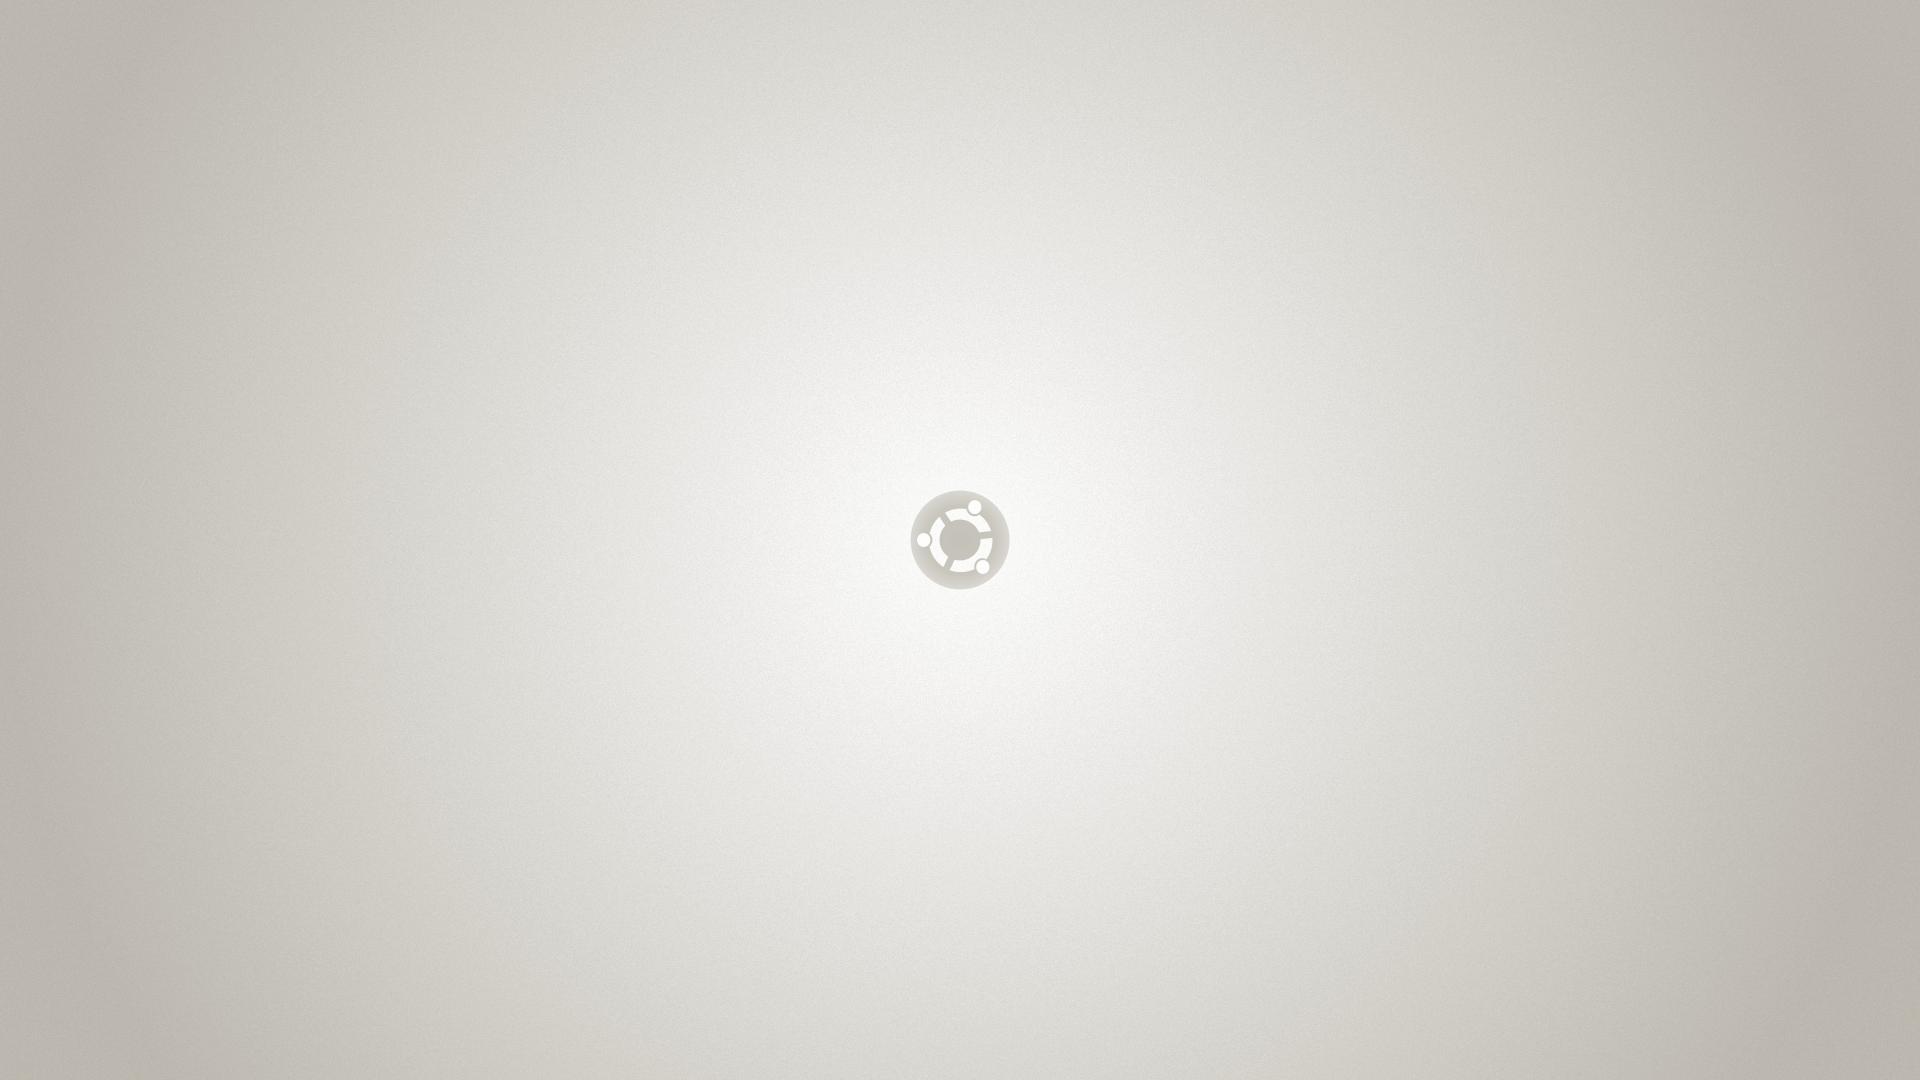 Ubuntu Radiance - 1920x1080 by abluescarab